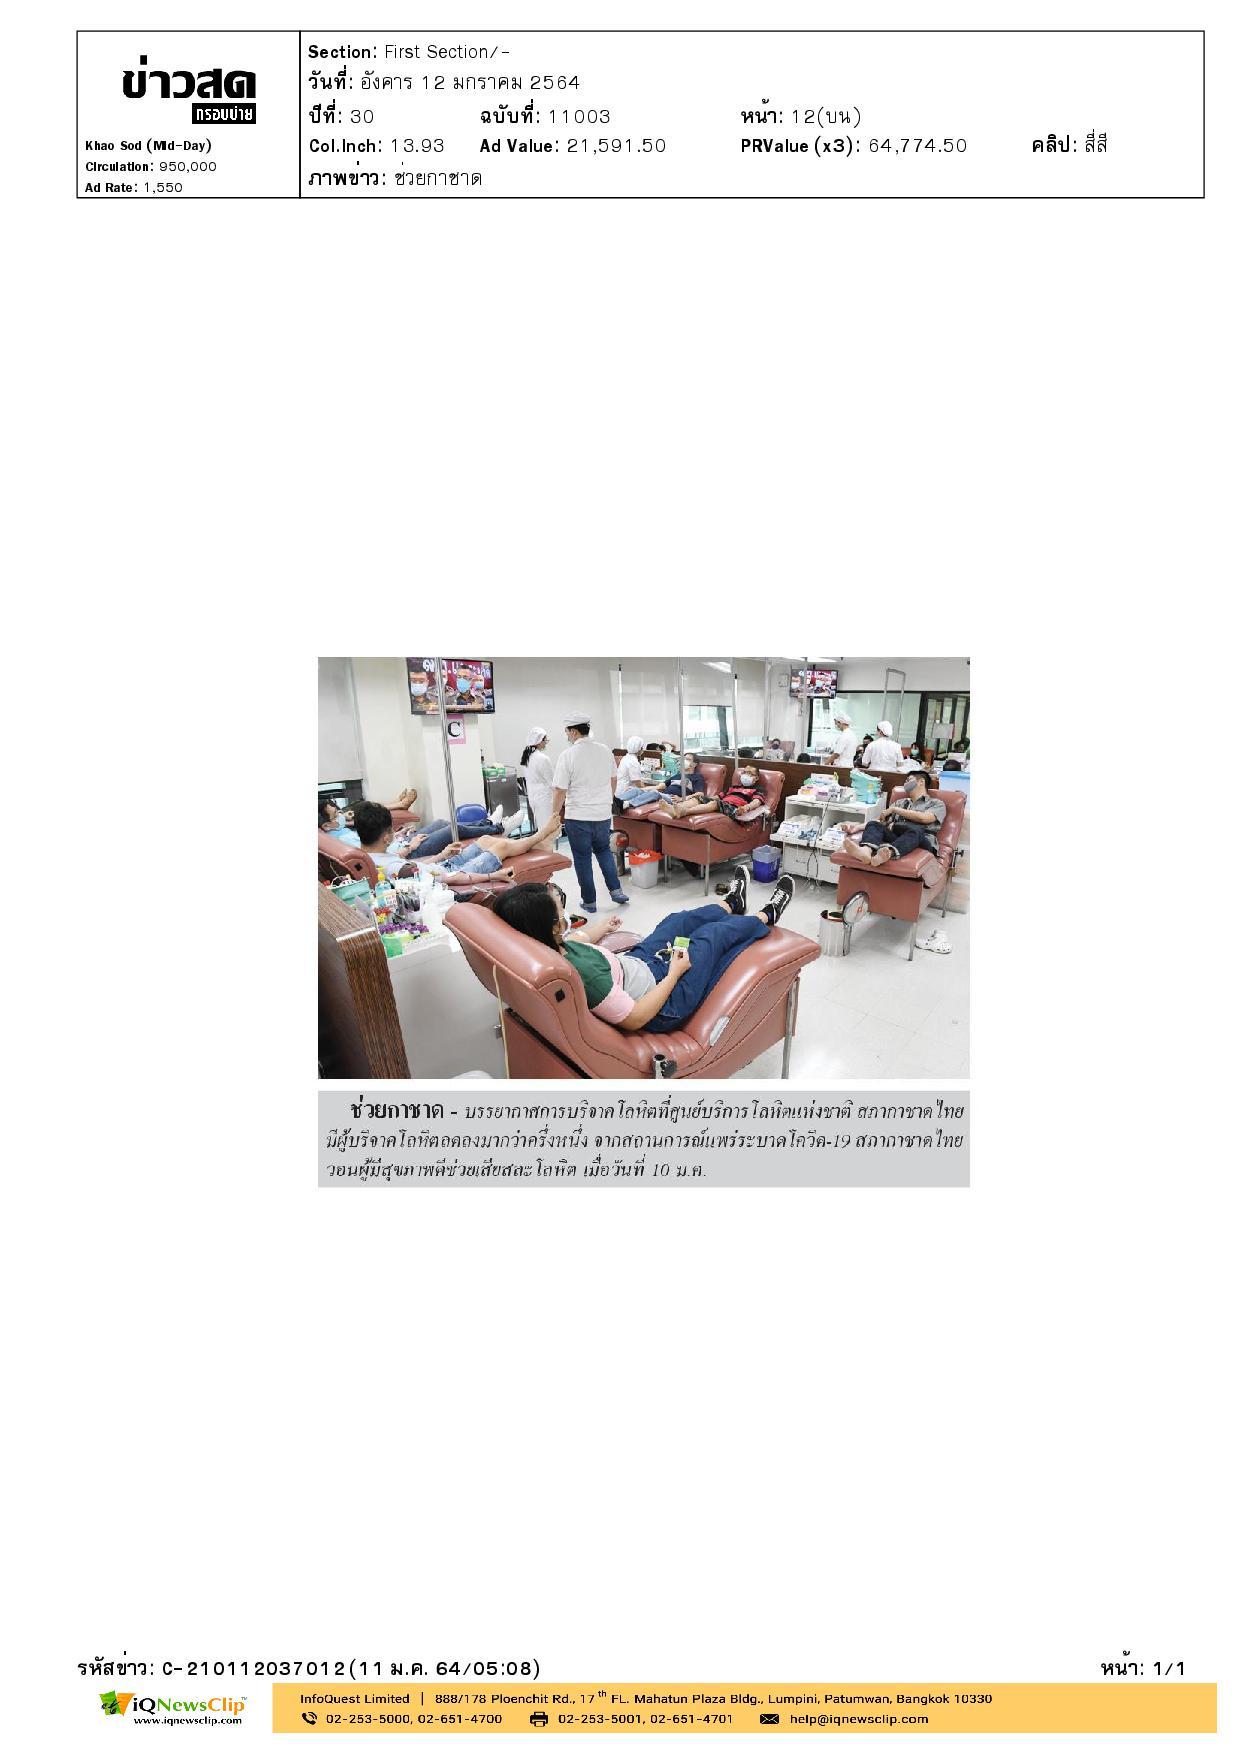 รศ.พญ.ดุจใจ ชัยวานิชศิริ ชวนคนไทยร่วมบริจาคโลหิต หลังสถานการณ์การระบาดโควิด-19 ระรอกใหม่